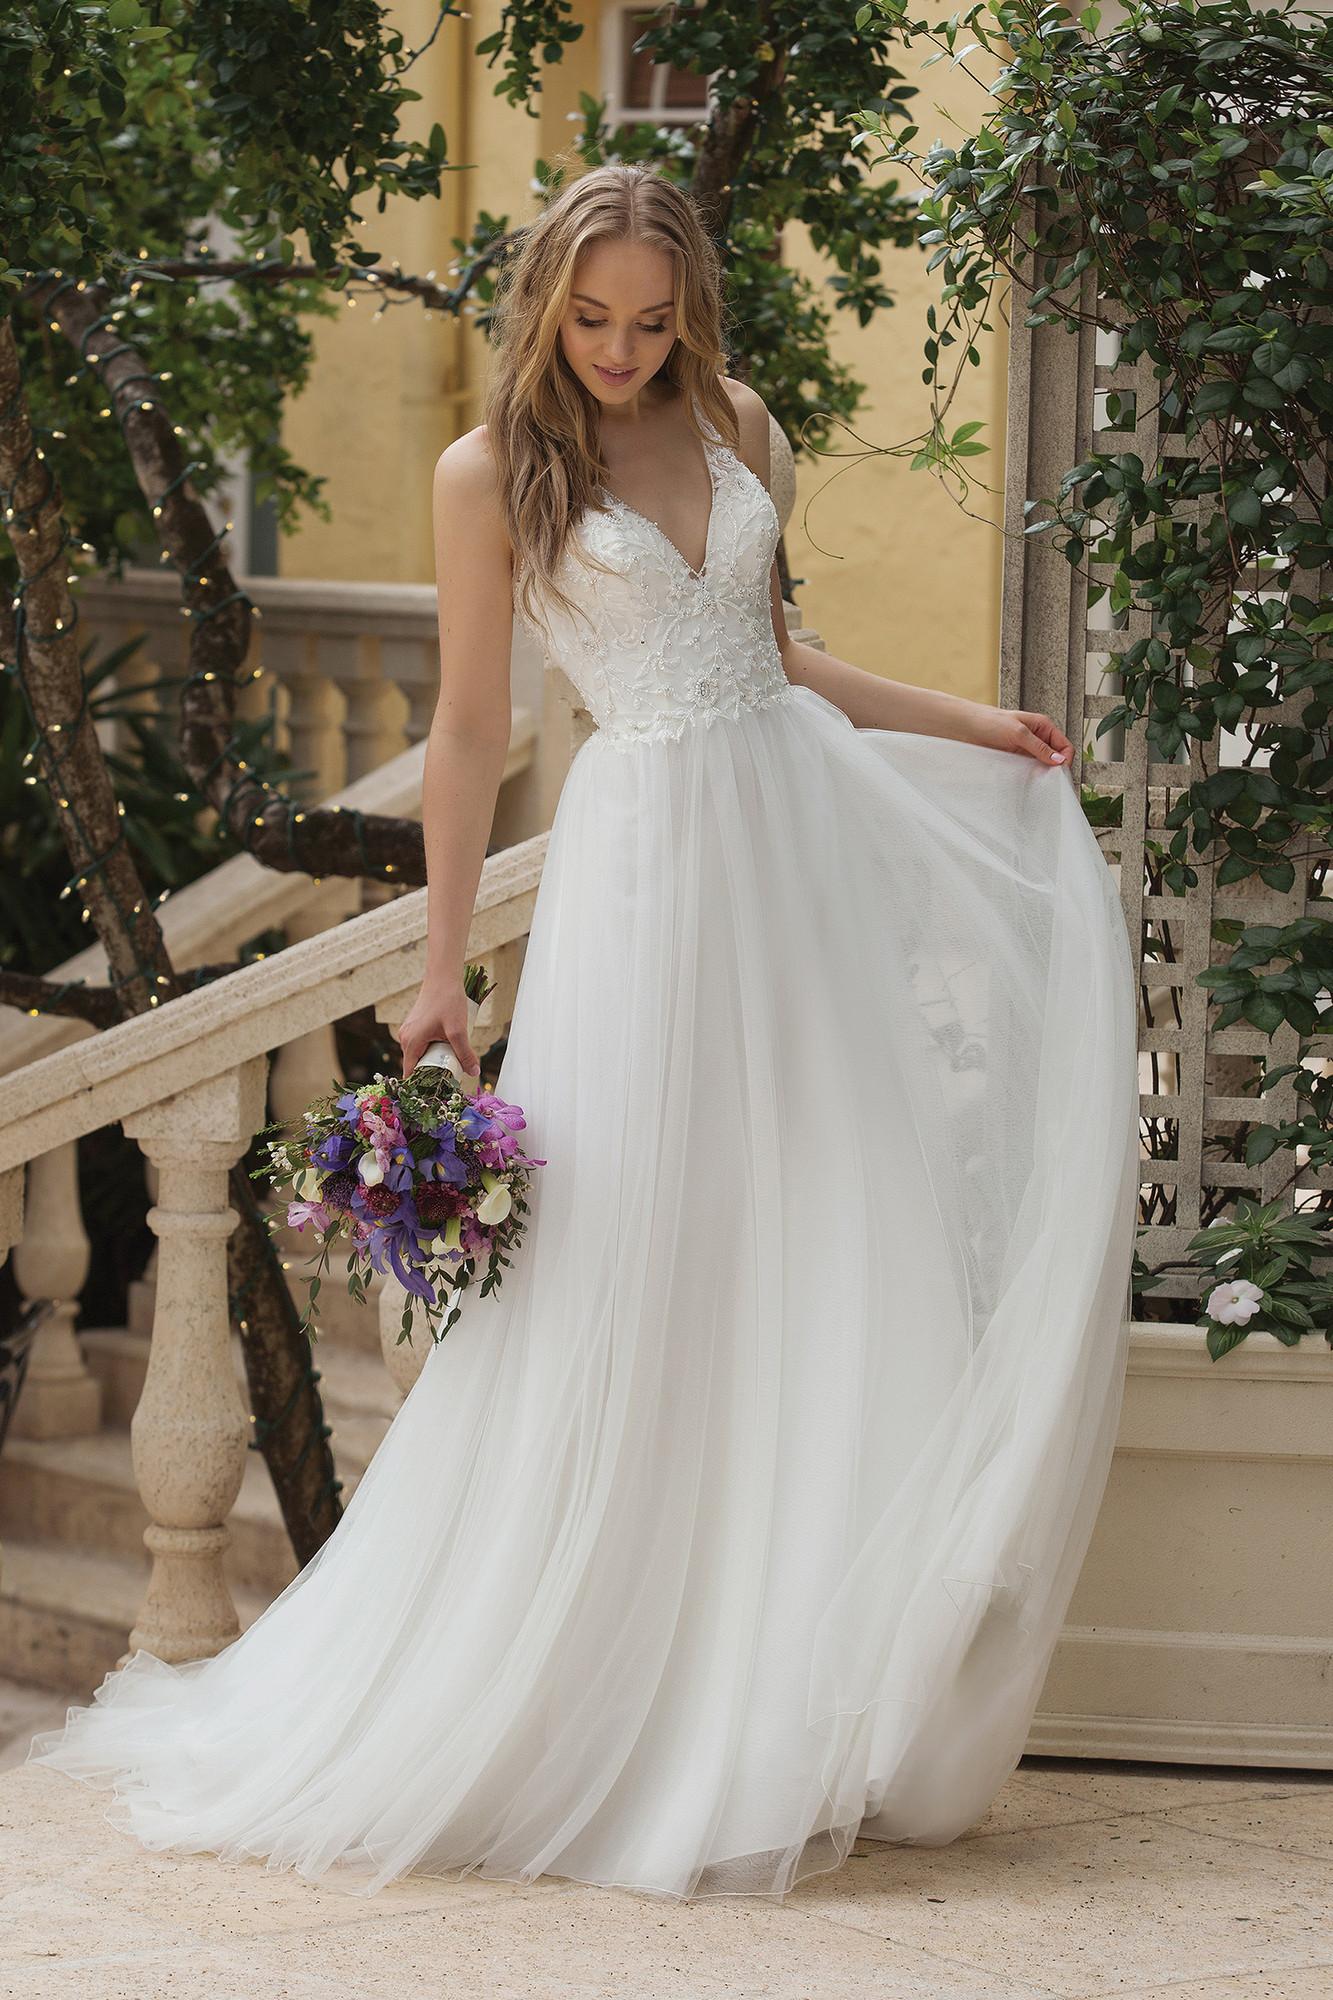 7685bea68e92 Wedding Dresses - Weddingwire.ca